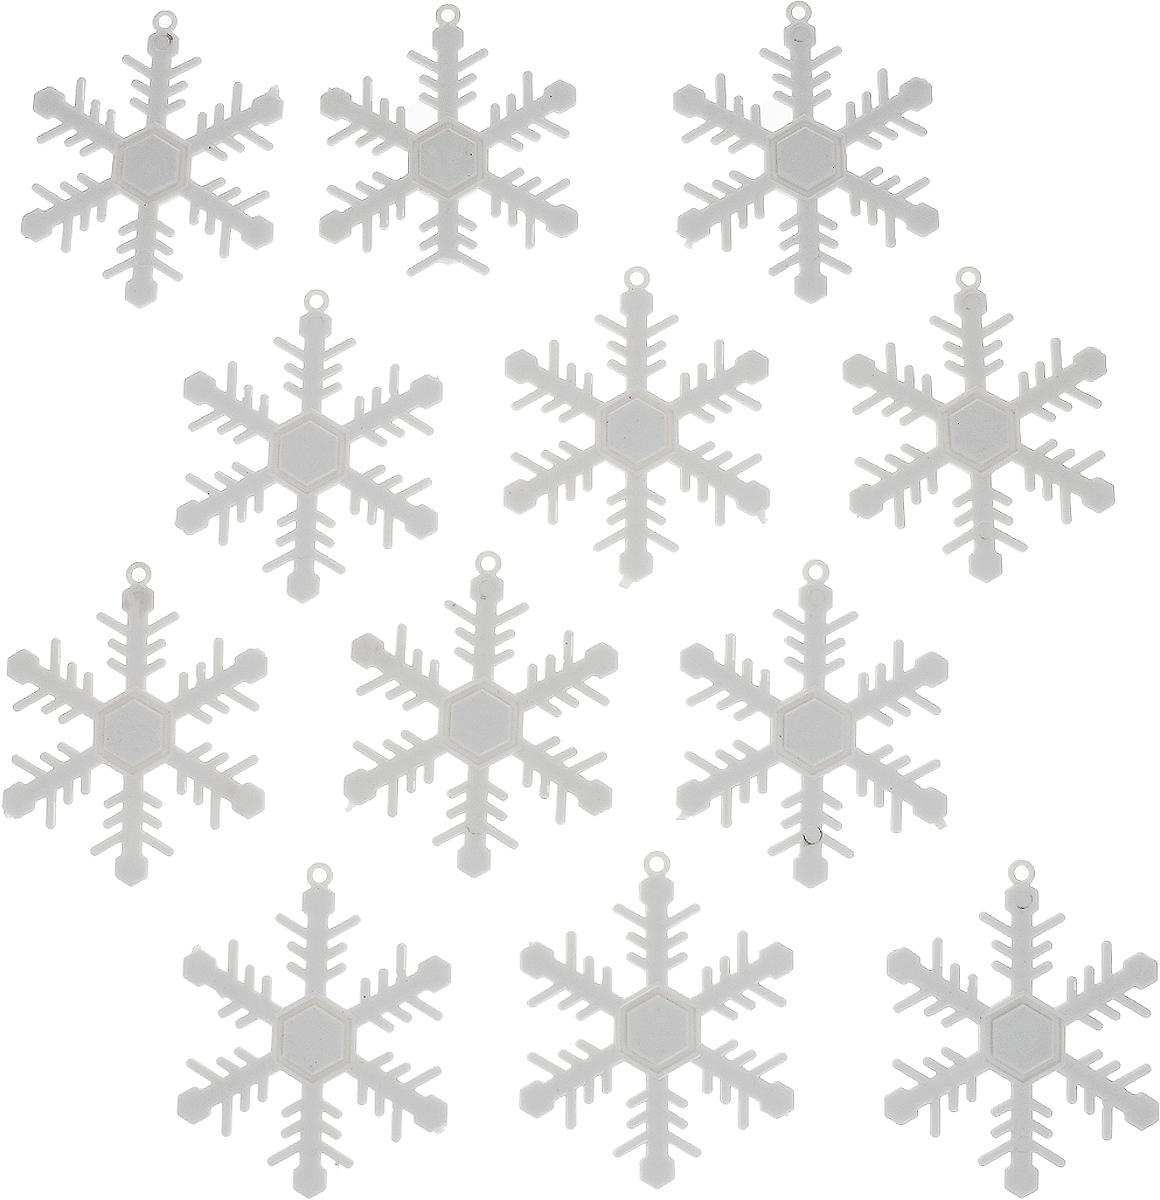 Украшение новогоднее подвесное Winter Wings Снежинки, диаметр 6,5 см, 12 штSL250 503 09Набор украшений Winter Wings Снежинки прекрасно подойдет для праздничного декора новогодней ели. Изделия выполнены из высококачественного пластика в виде снежинок. Для удобного размещения на елке на украшениях предусмотрены веревочки.Елочная игрушка - символ Нового года. Она несет в себе волшебство и красоту праздника. Создайте в своем доме атмосферу веселья и радости, украшая новогоднюю елку нарядными игрушками, которые будут из года в год накапливать теплоту воспоминаний. Откройте для себя удивительный мир сказок и грез. Почувствуйте волшебные минуты ожидания праздника, создайте новогоднее настроение вашим дорогим и близким.